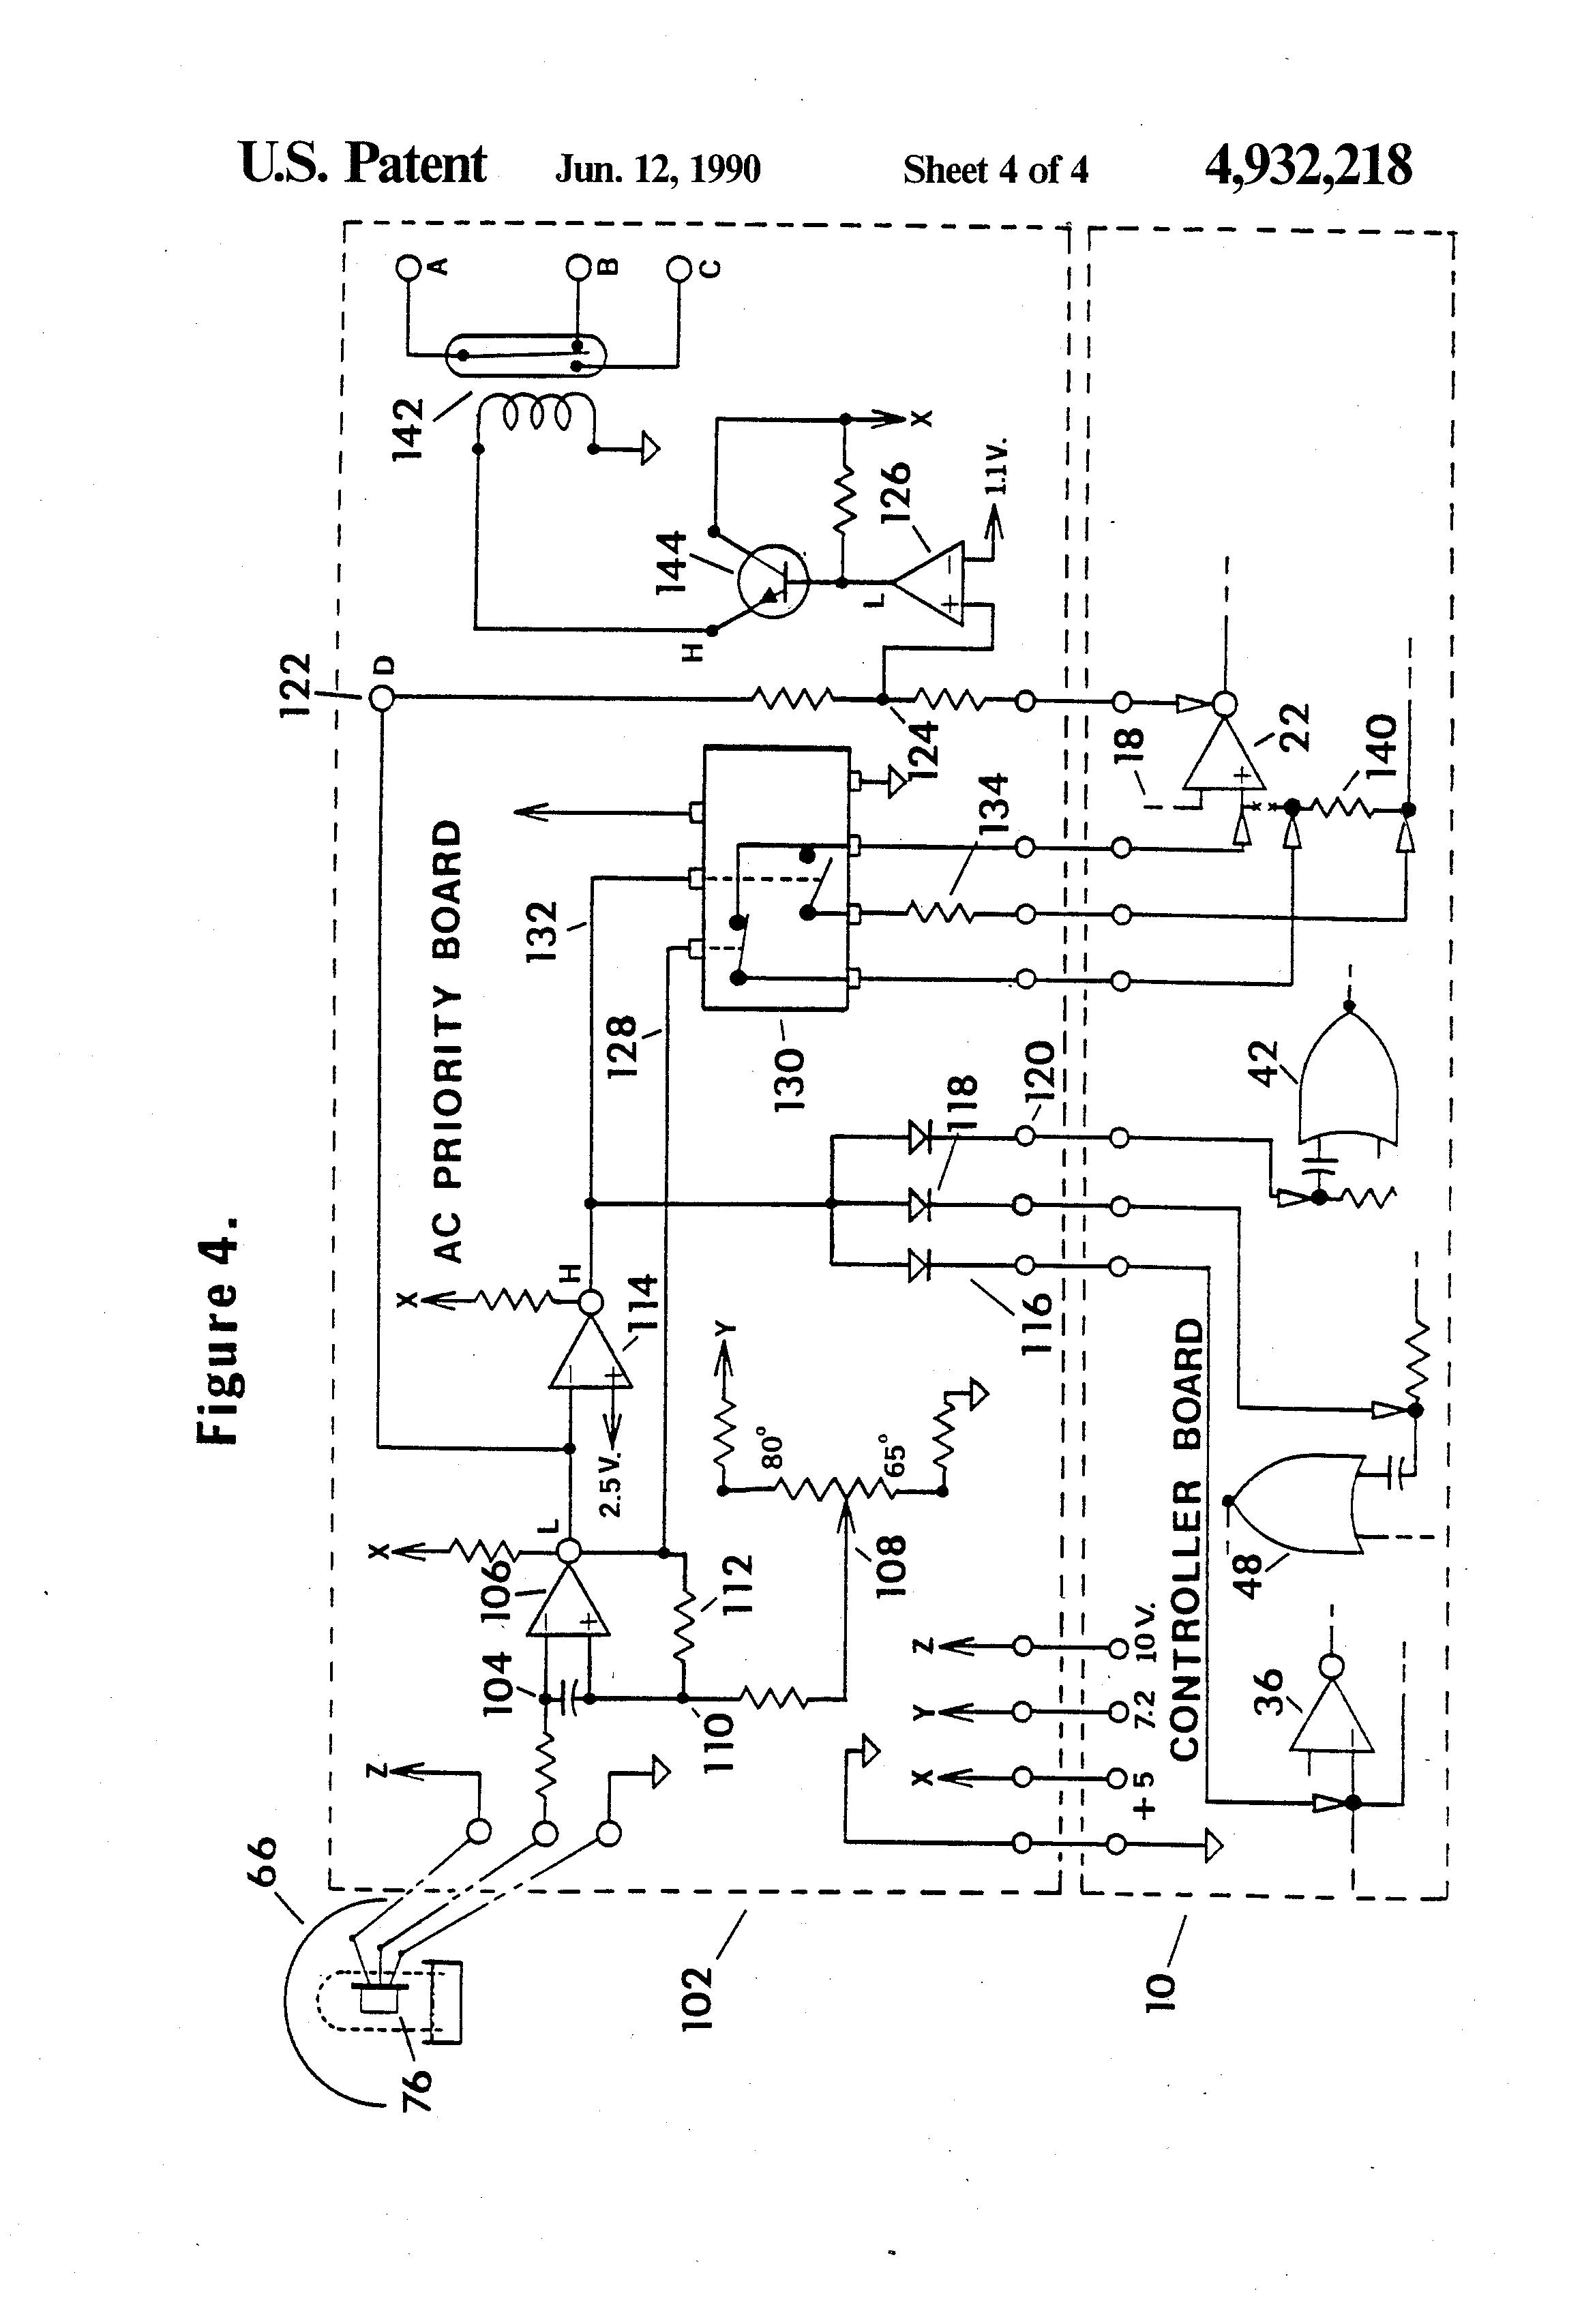 Mastercool Motor Wiring Diagram - free download wiring diagrams